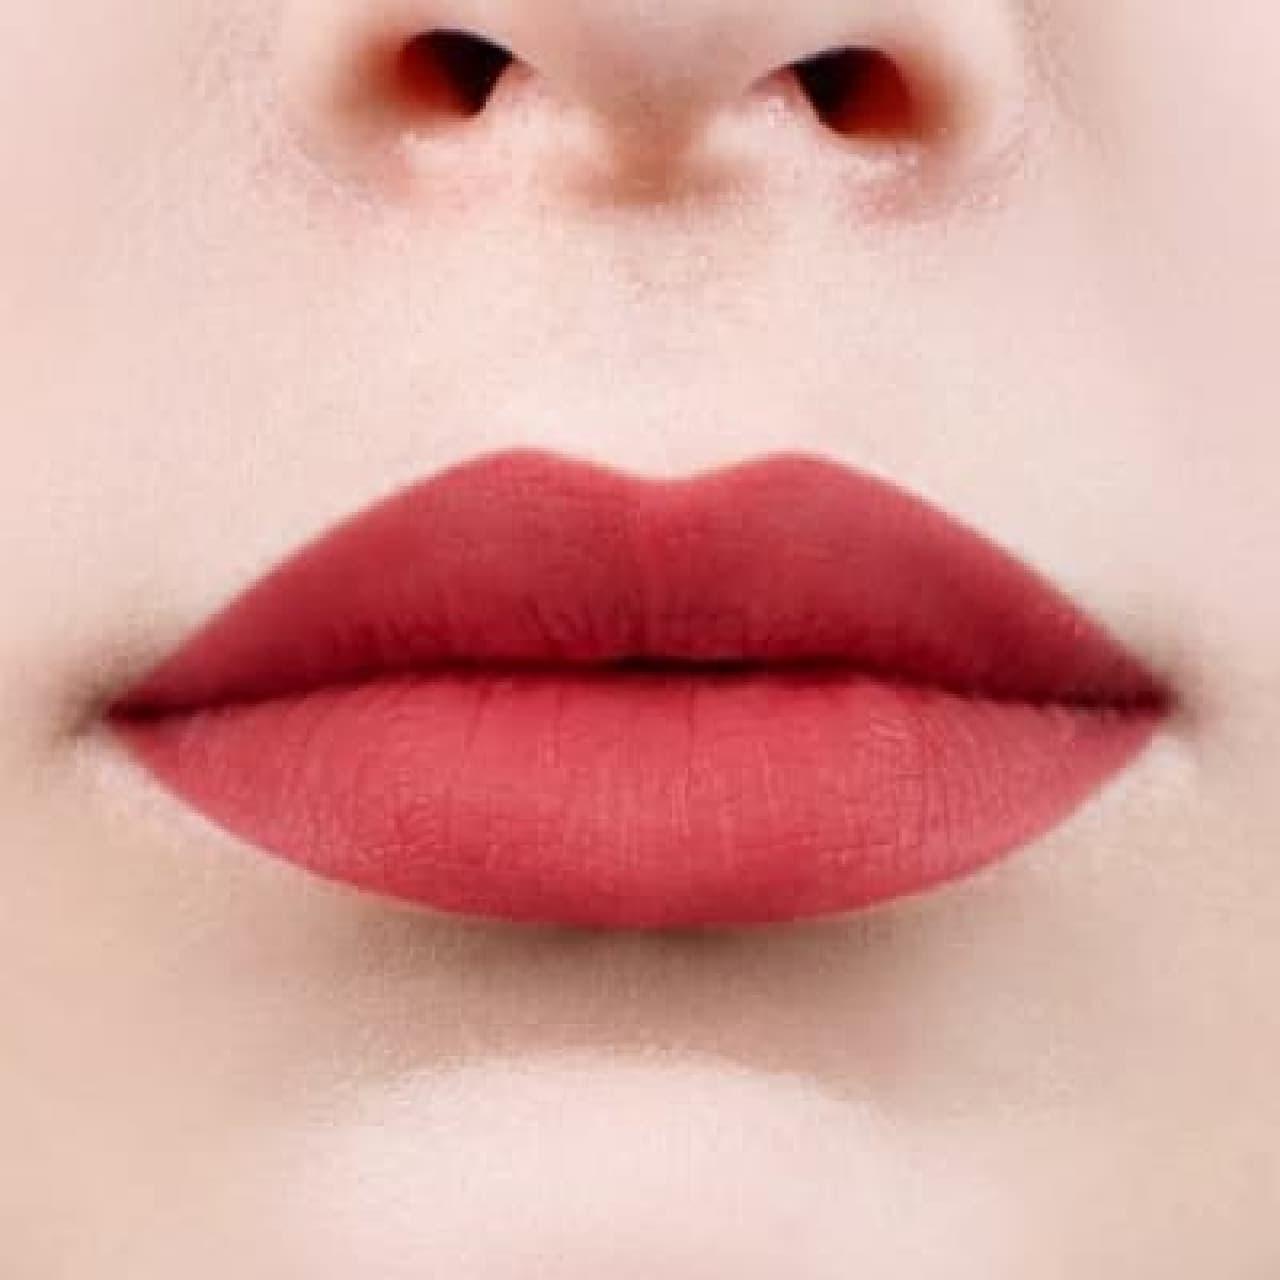 LB リアルマットルージュを塗った唇